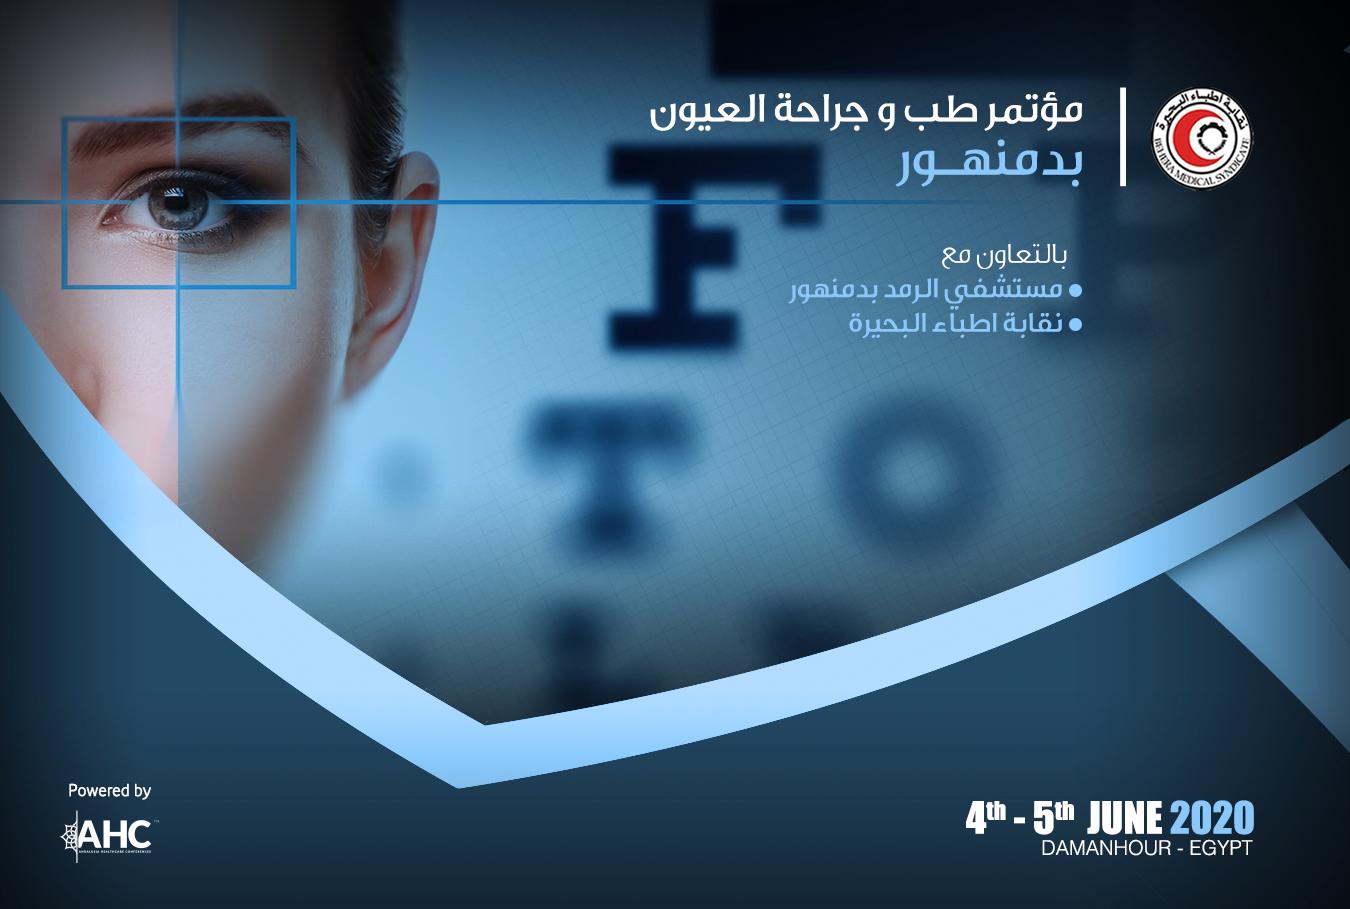 مؤتمر طب وجراحة العيون بدمنهور